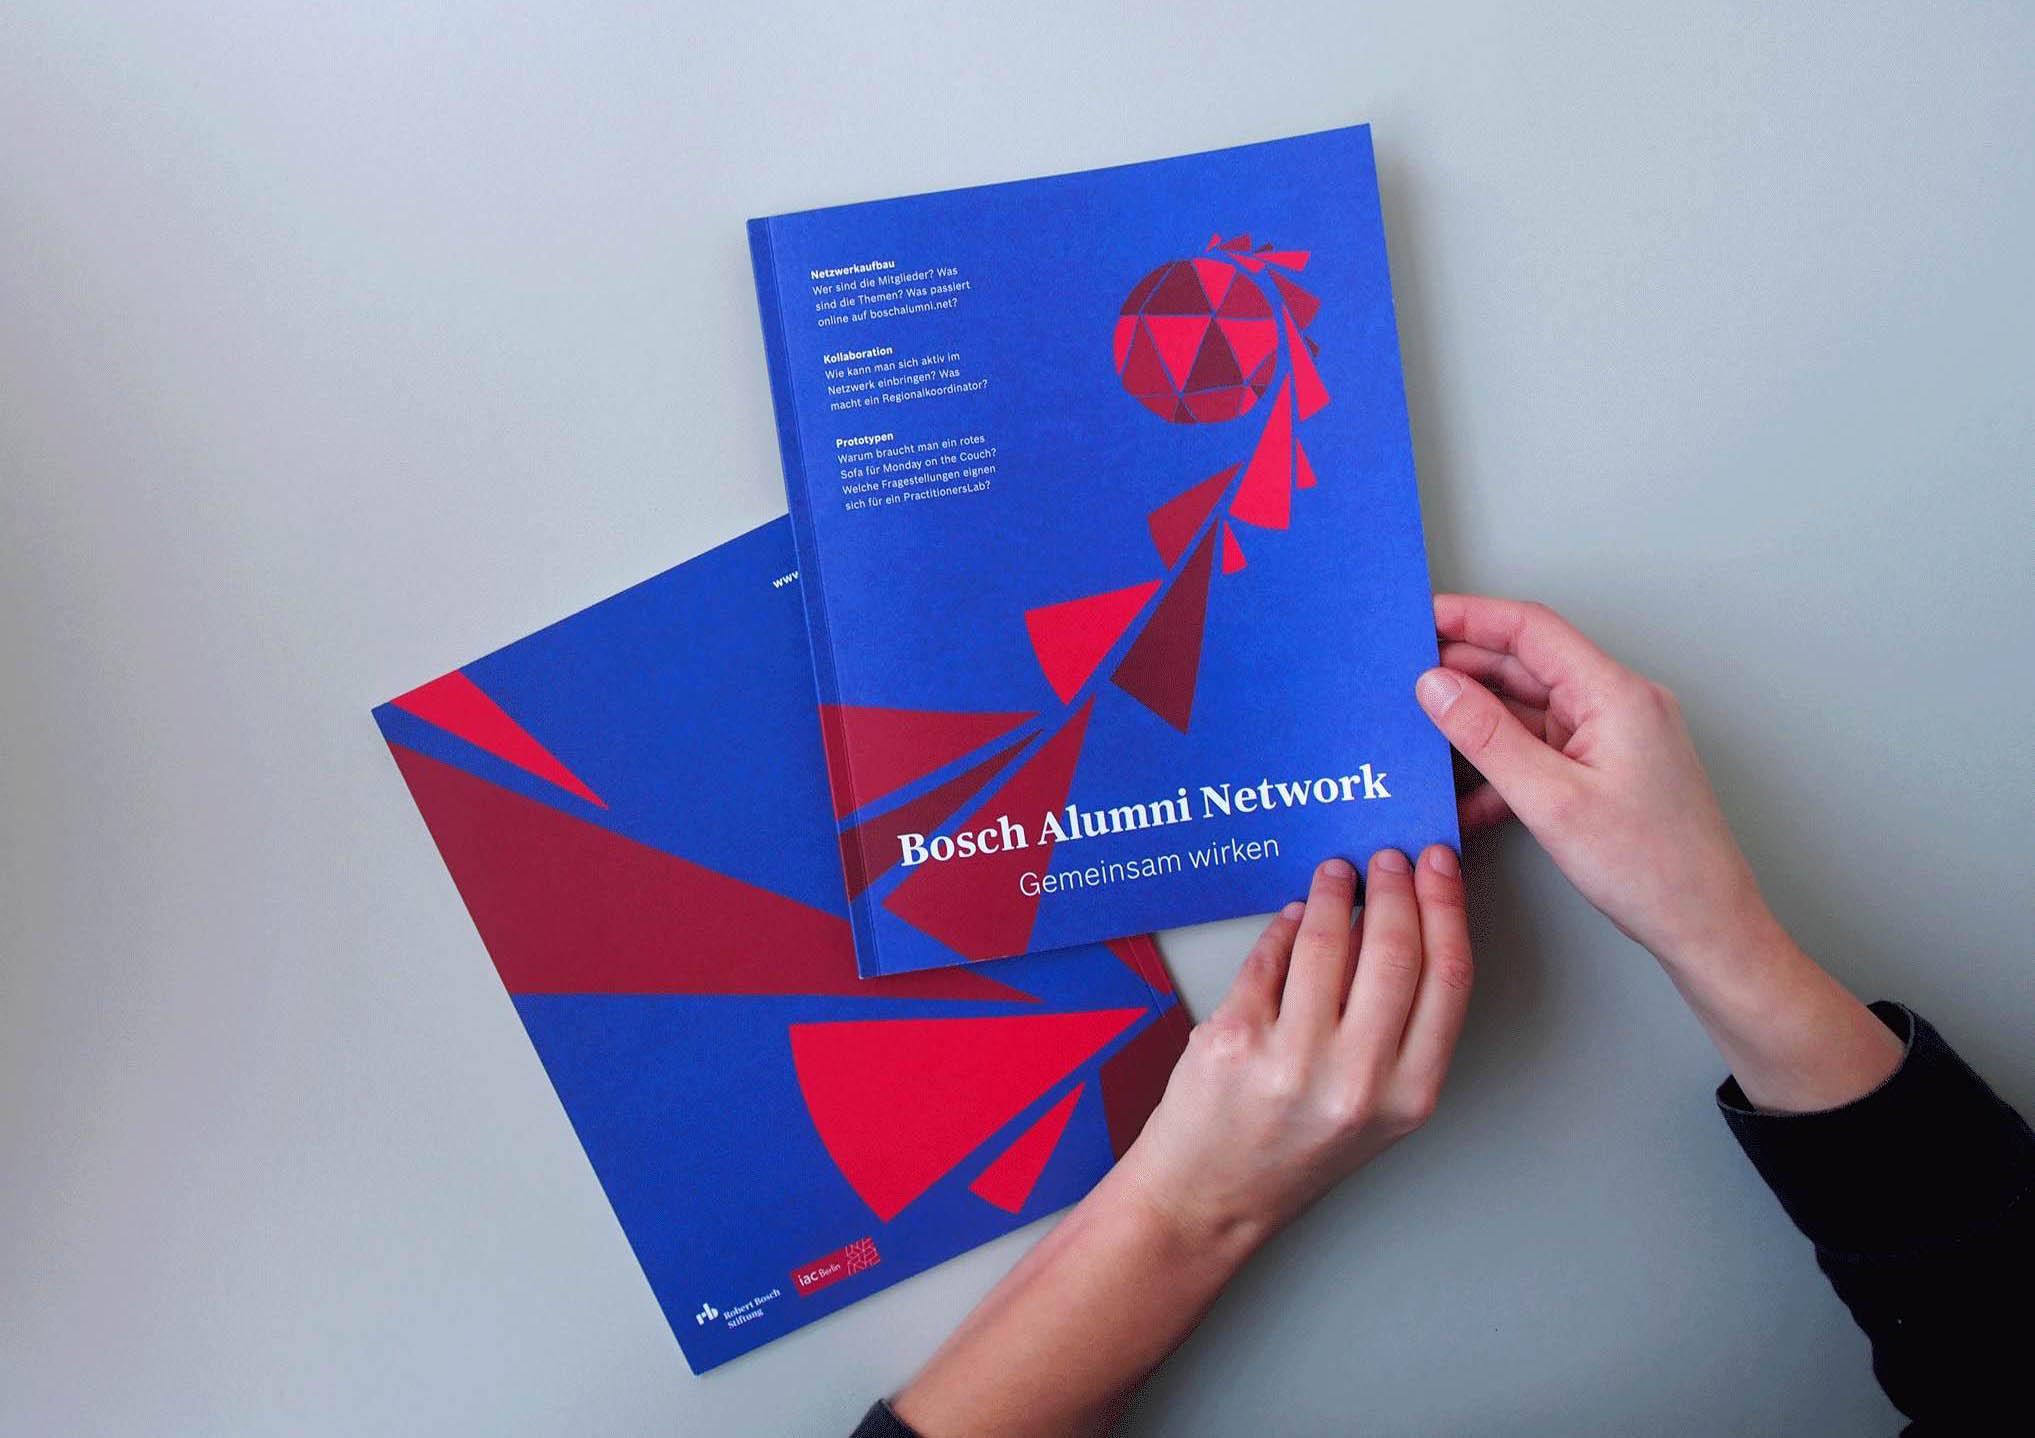 Bosch Alumni Network Magazine